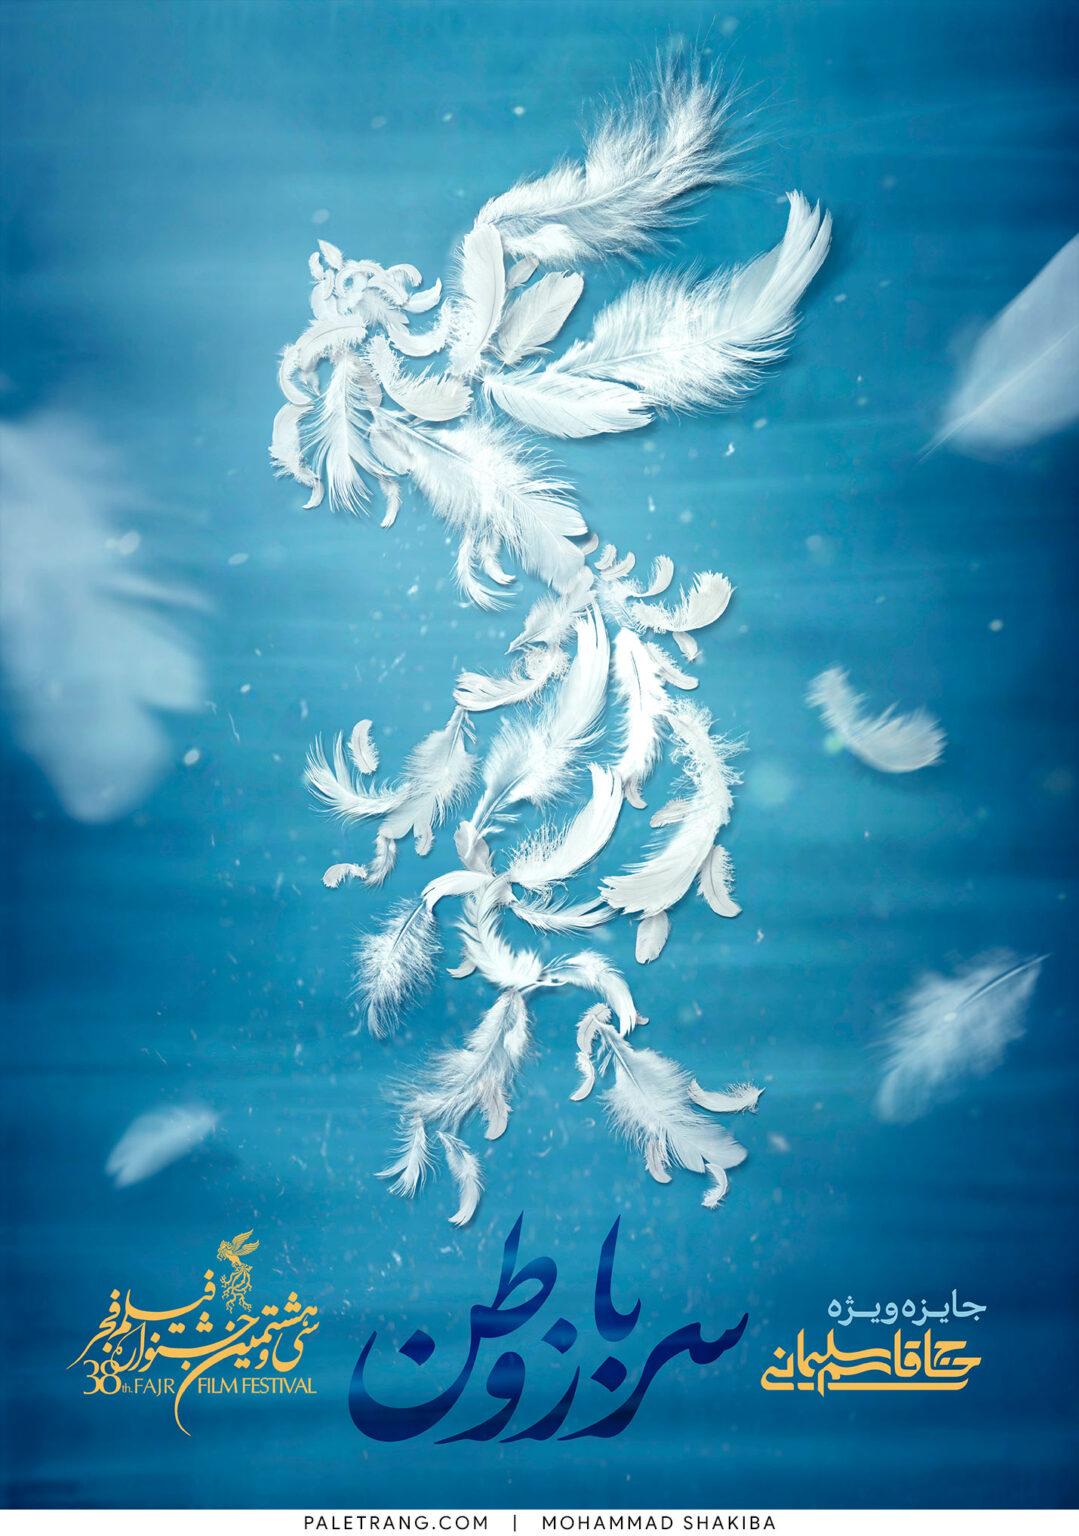 پوستر جایزه ویژه حاج قاسم سلیمانی - سی و ششمین جشنواره فیلم فجر اثر محمد شکیبا